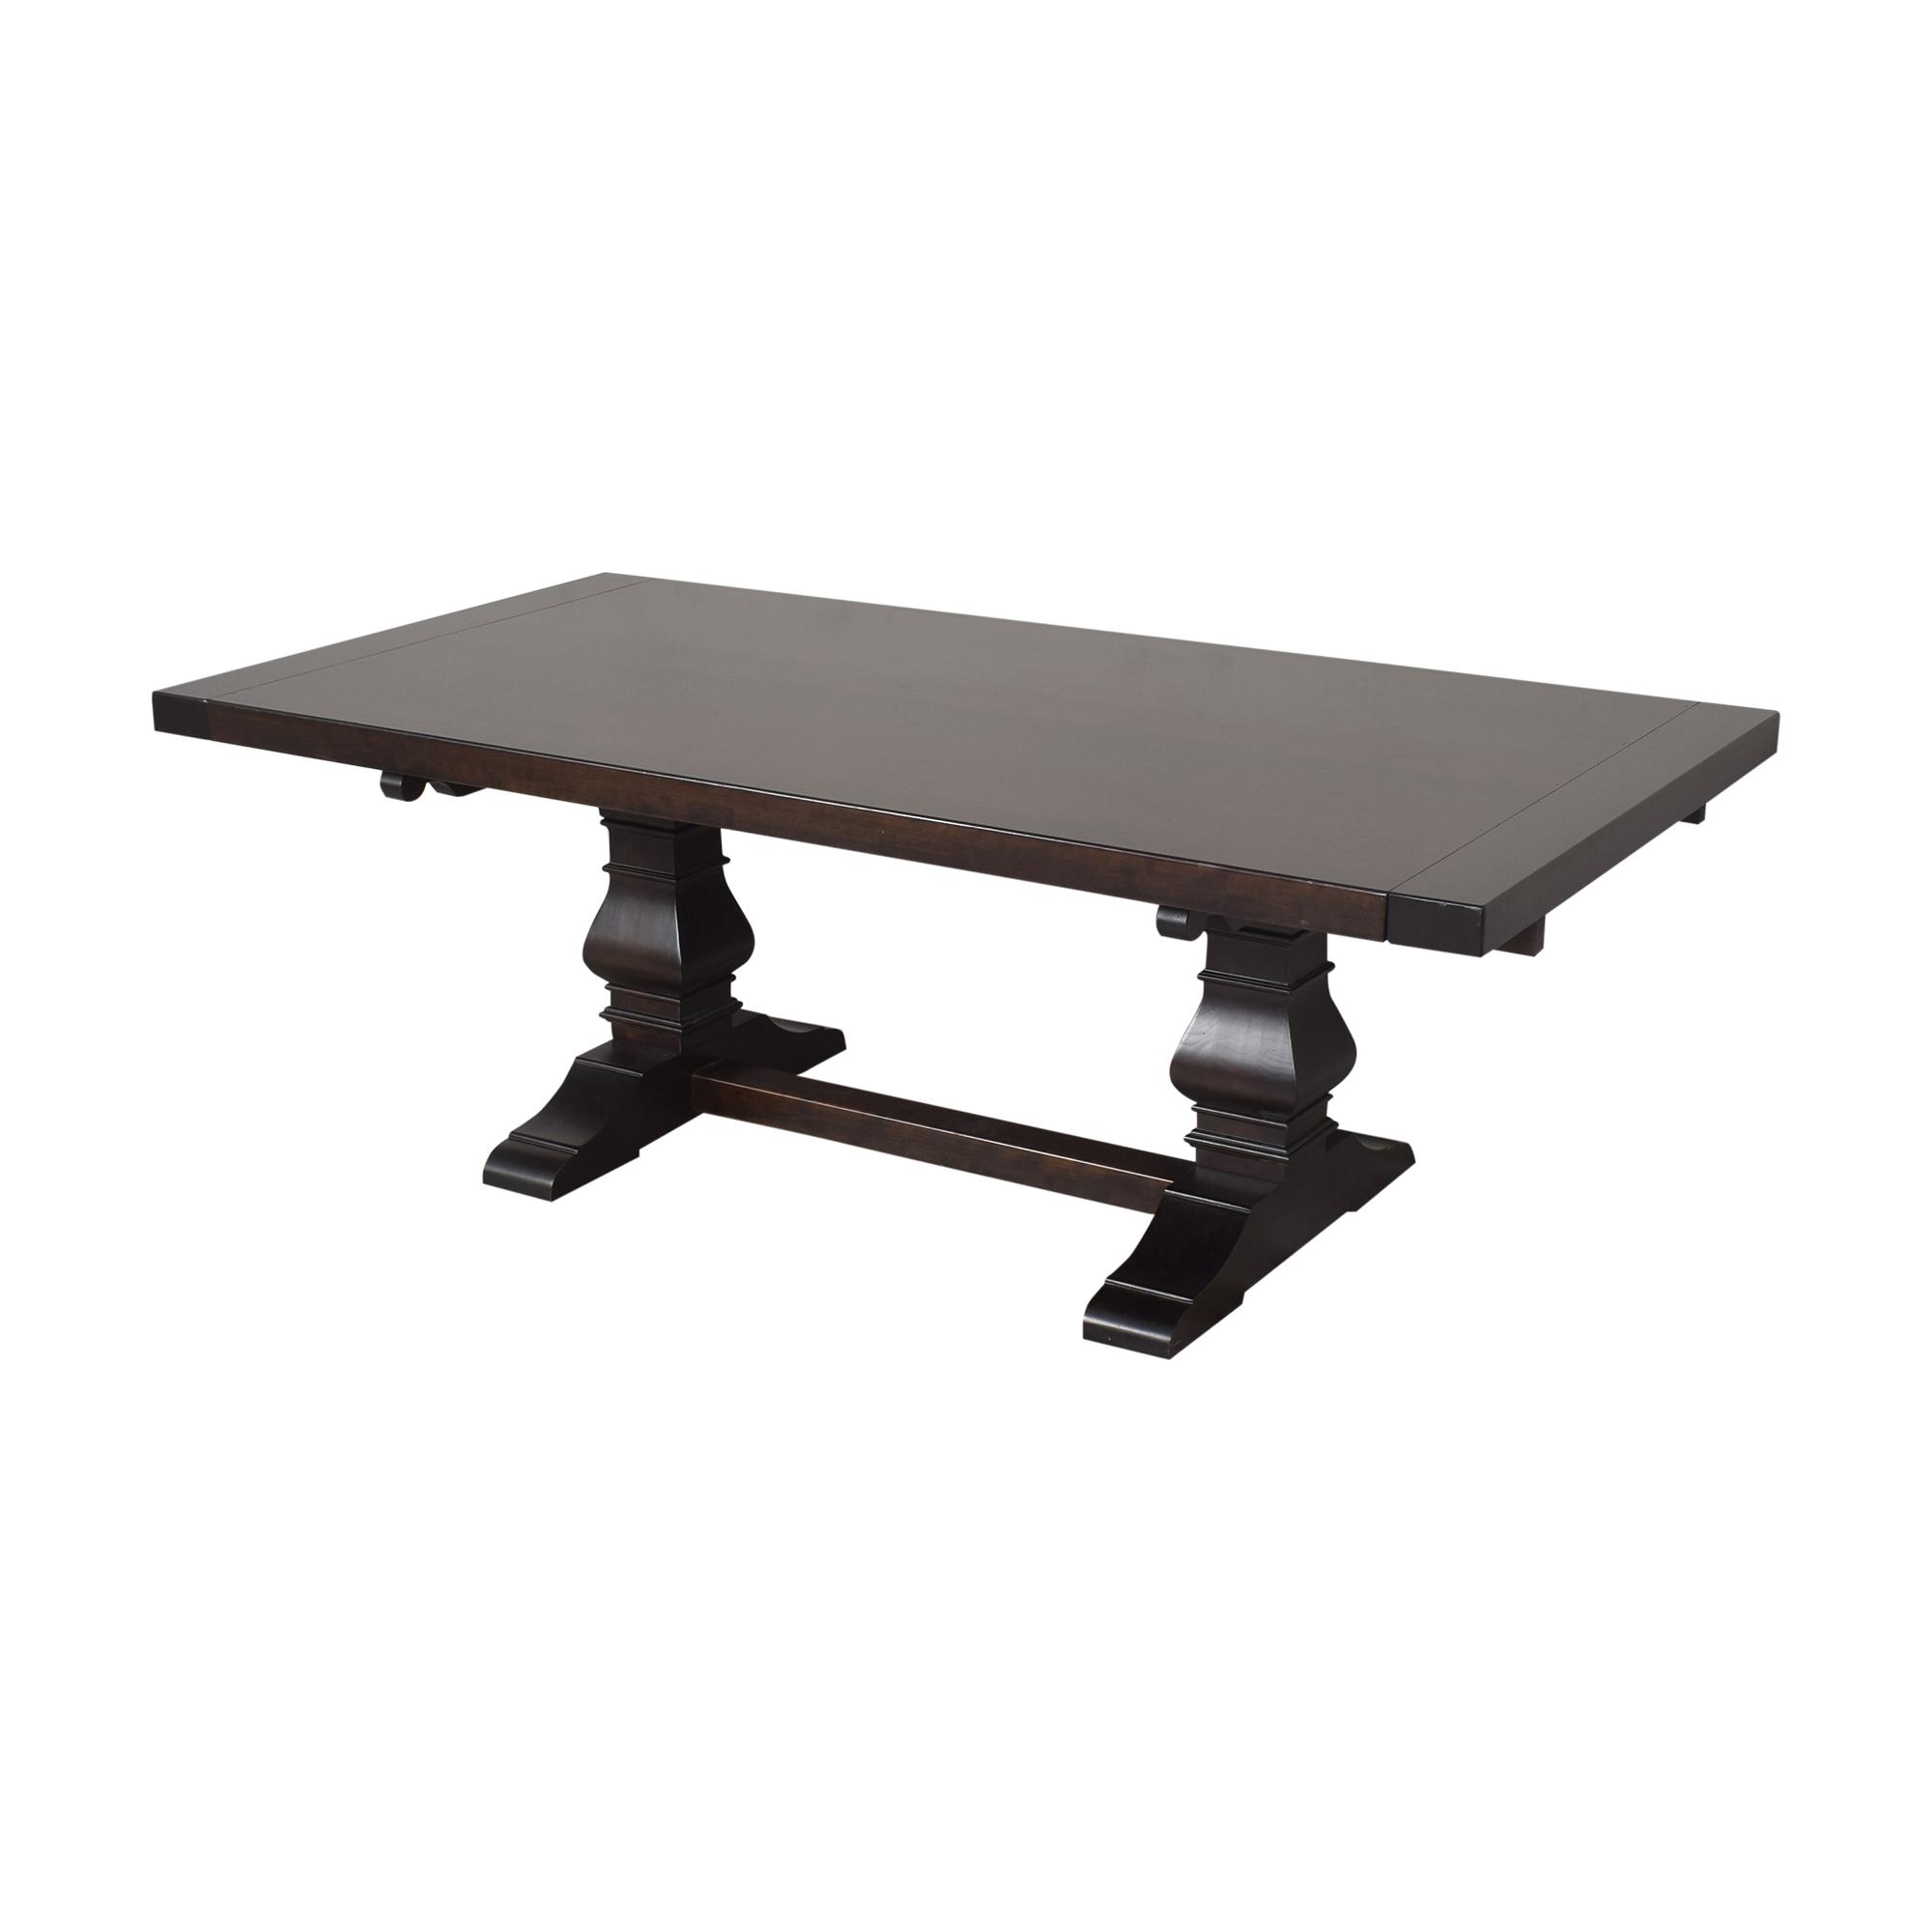 Oskar Huber Custom Trestle Dining Table / Dinner Tables